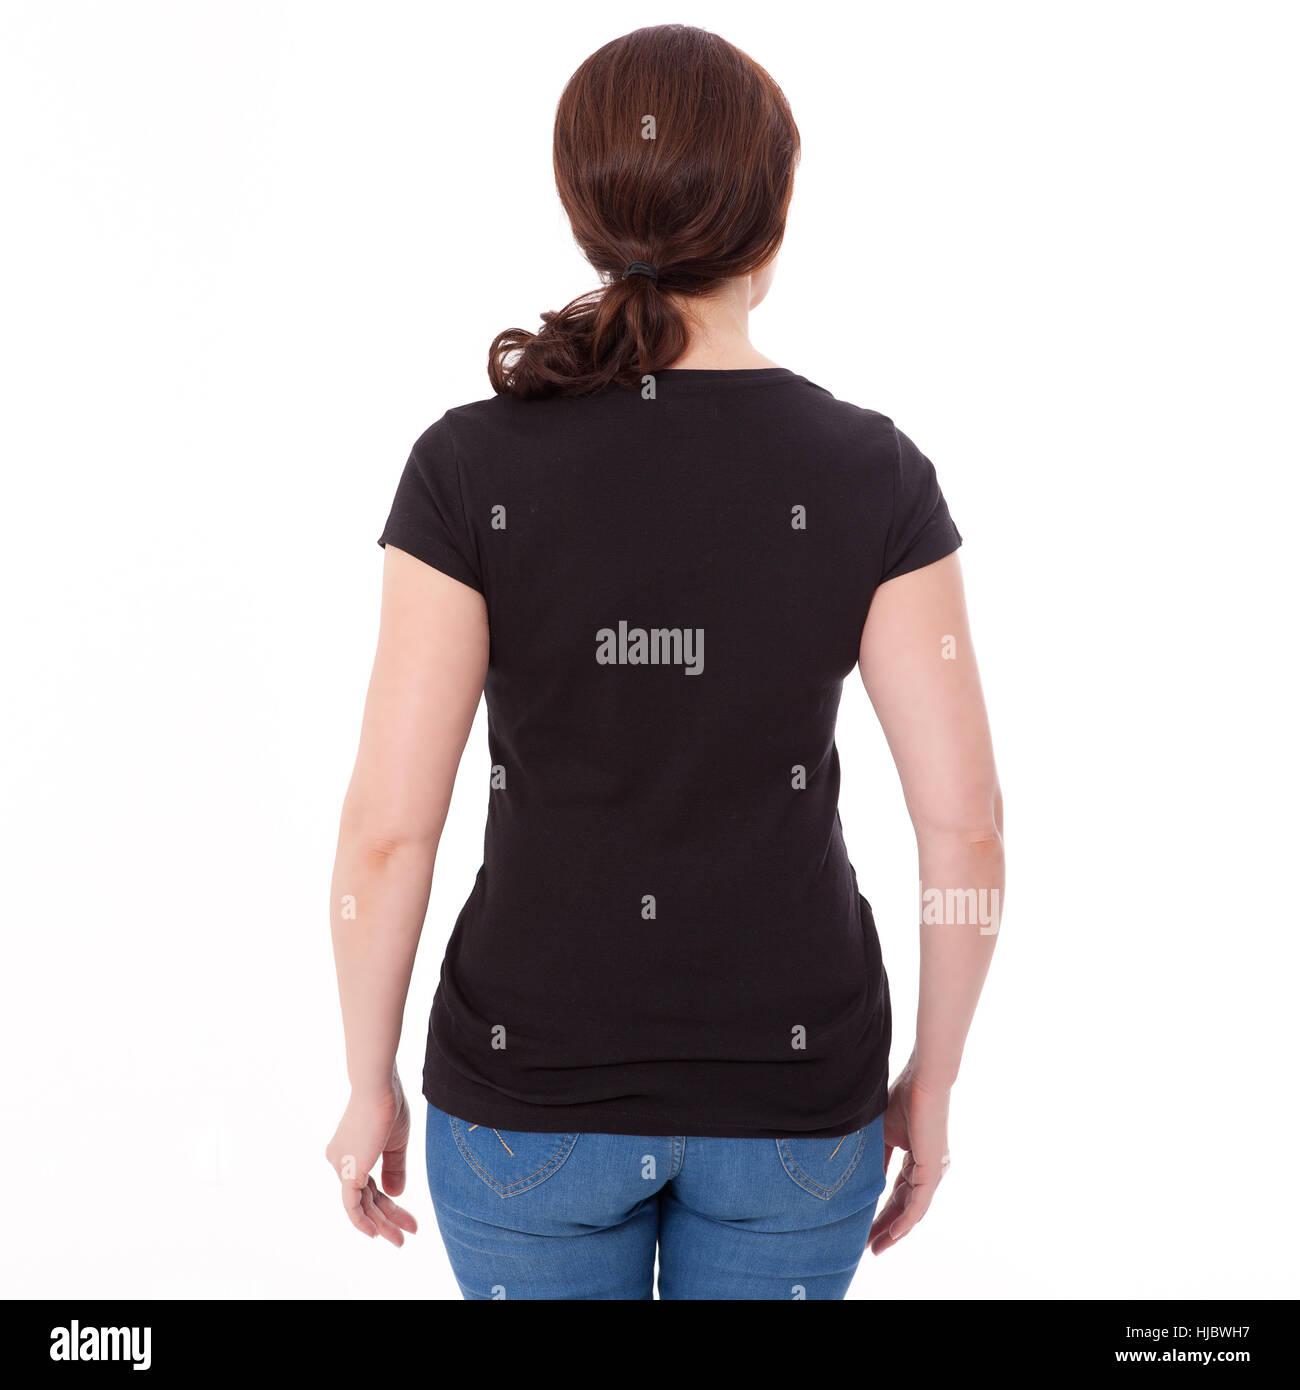 Beste Leere T Shirt Design Vorlage Ideen - Beispielzusammenfassung ...